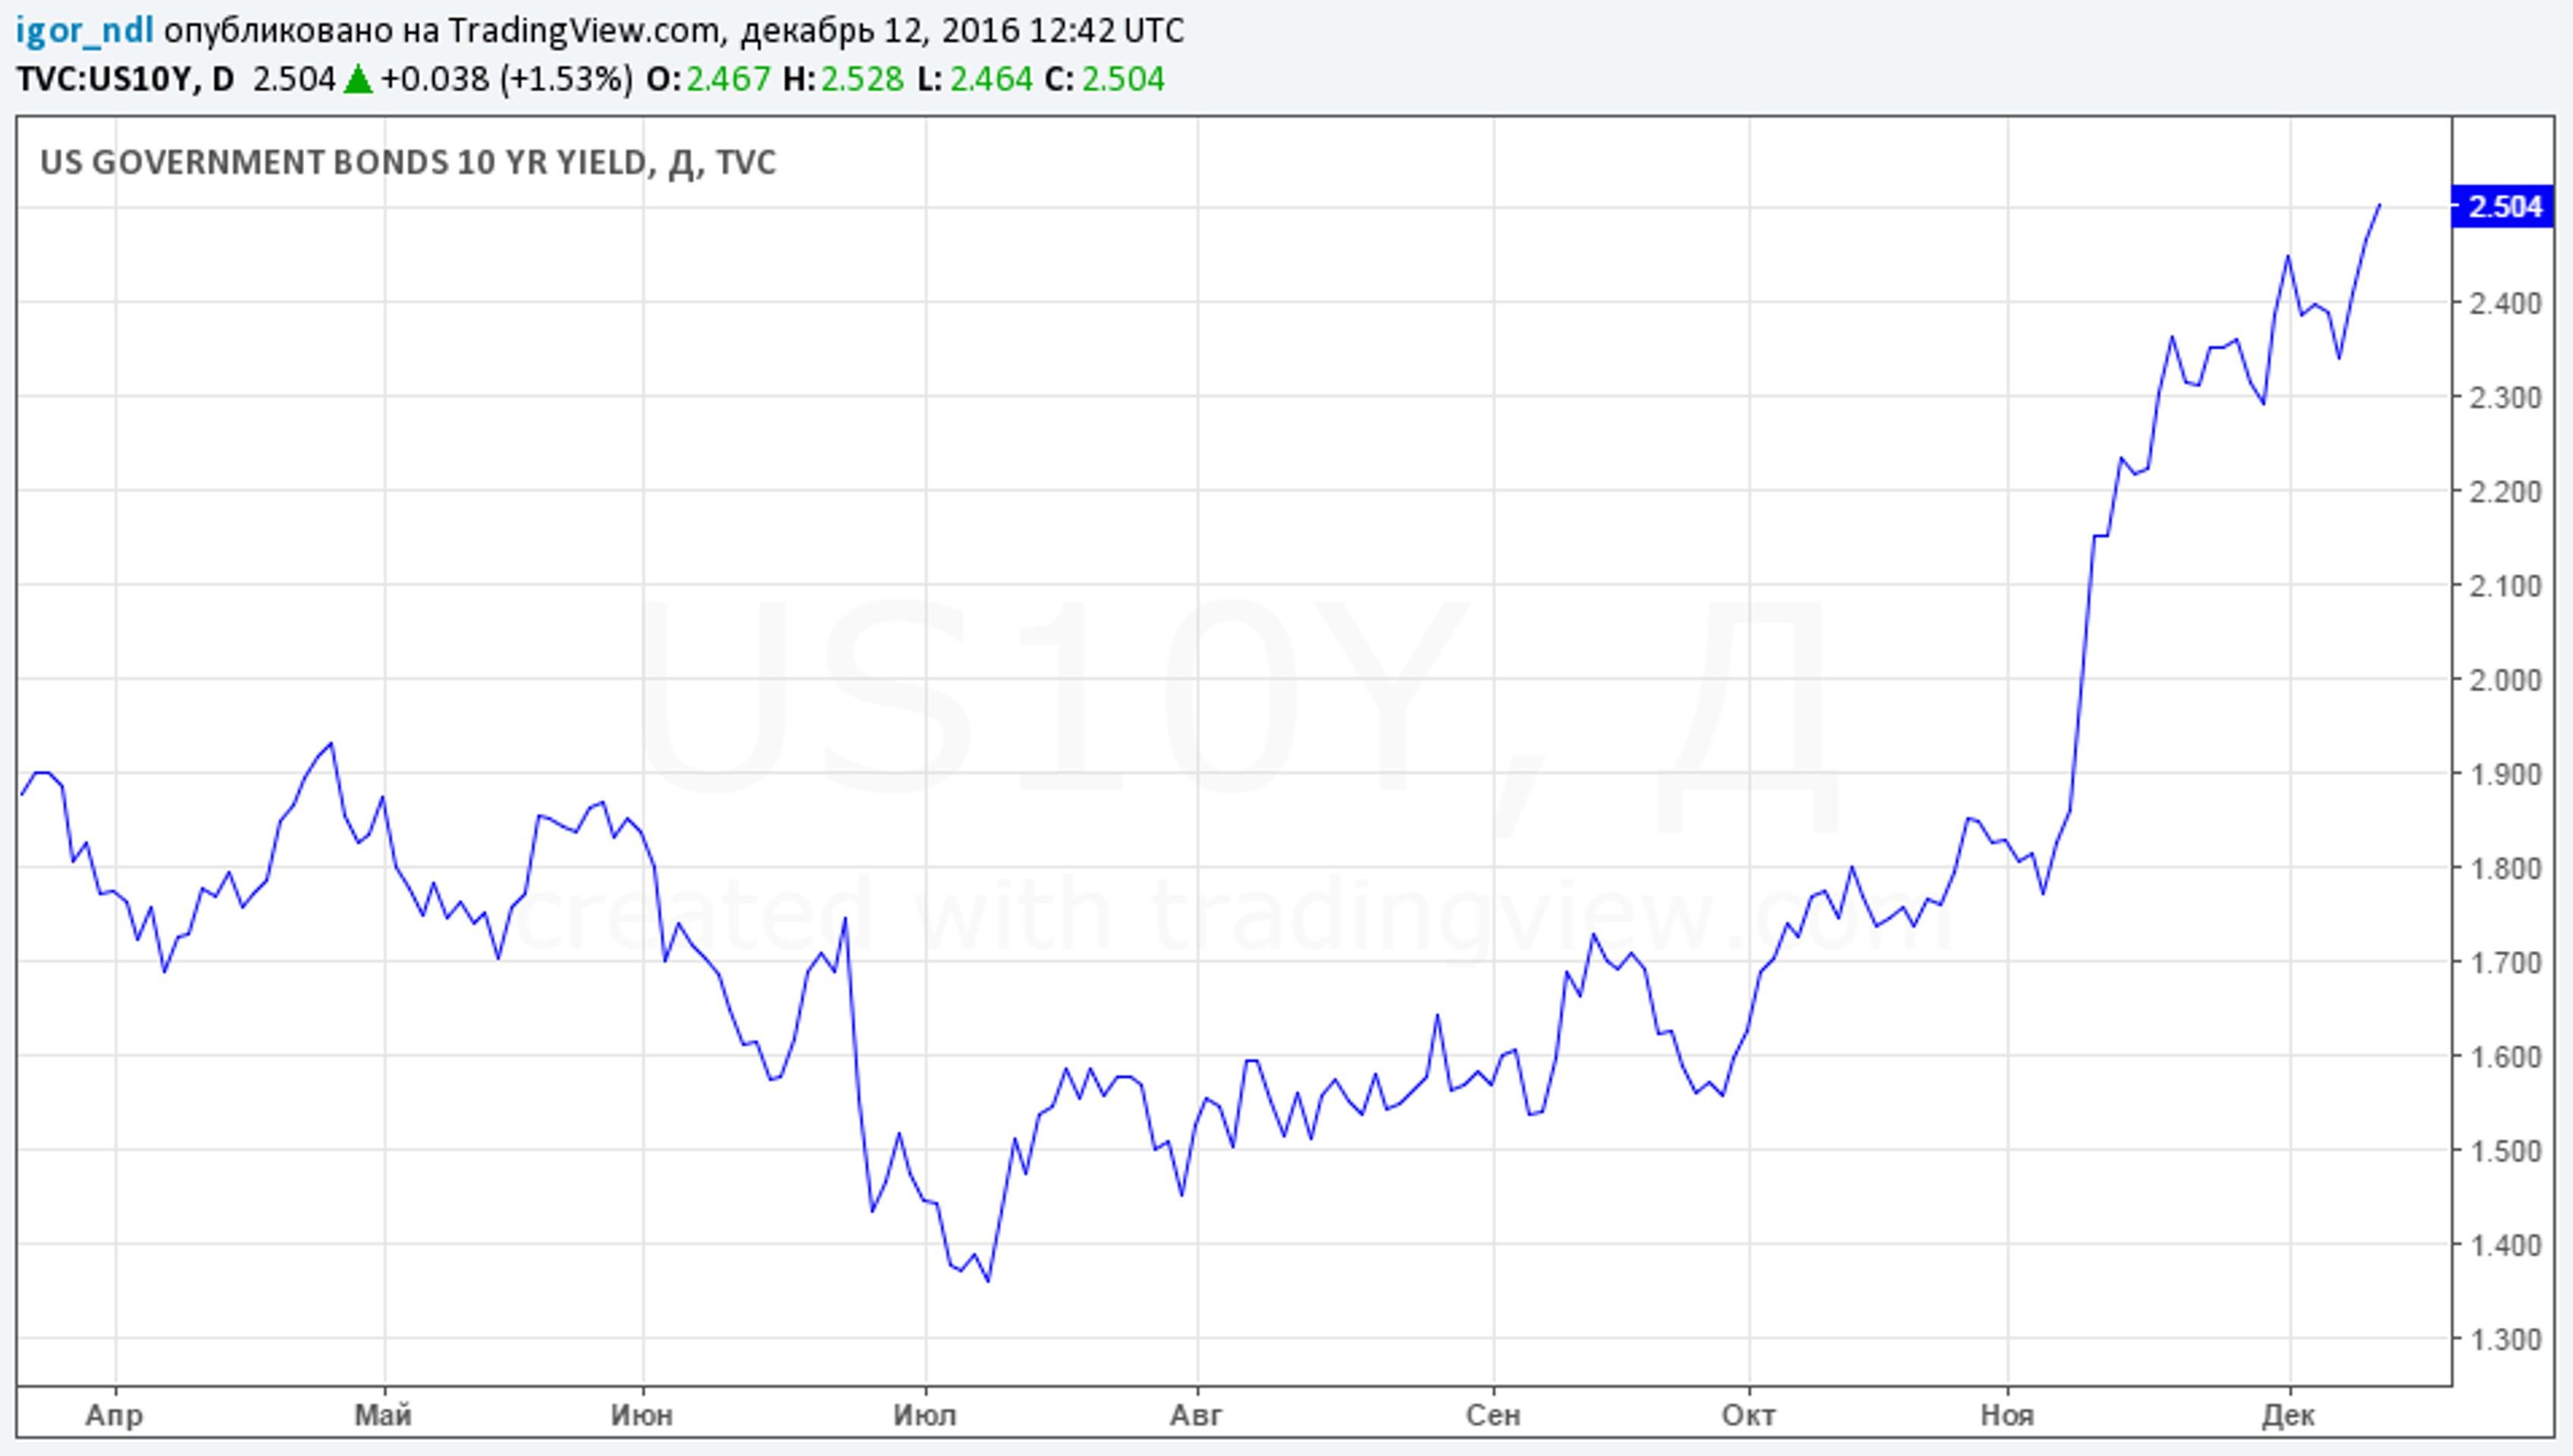 Нефть вызвала цунами на долговом рынке